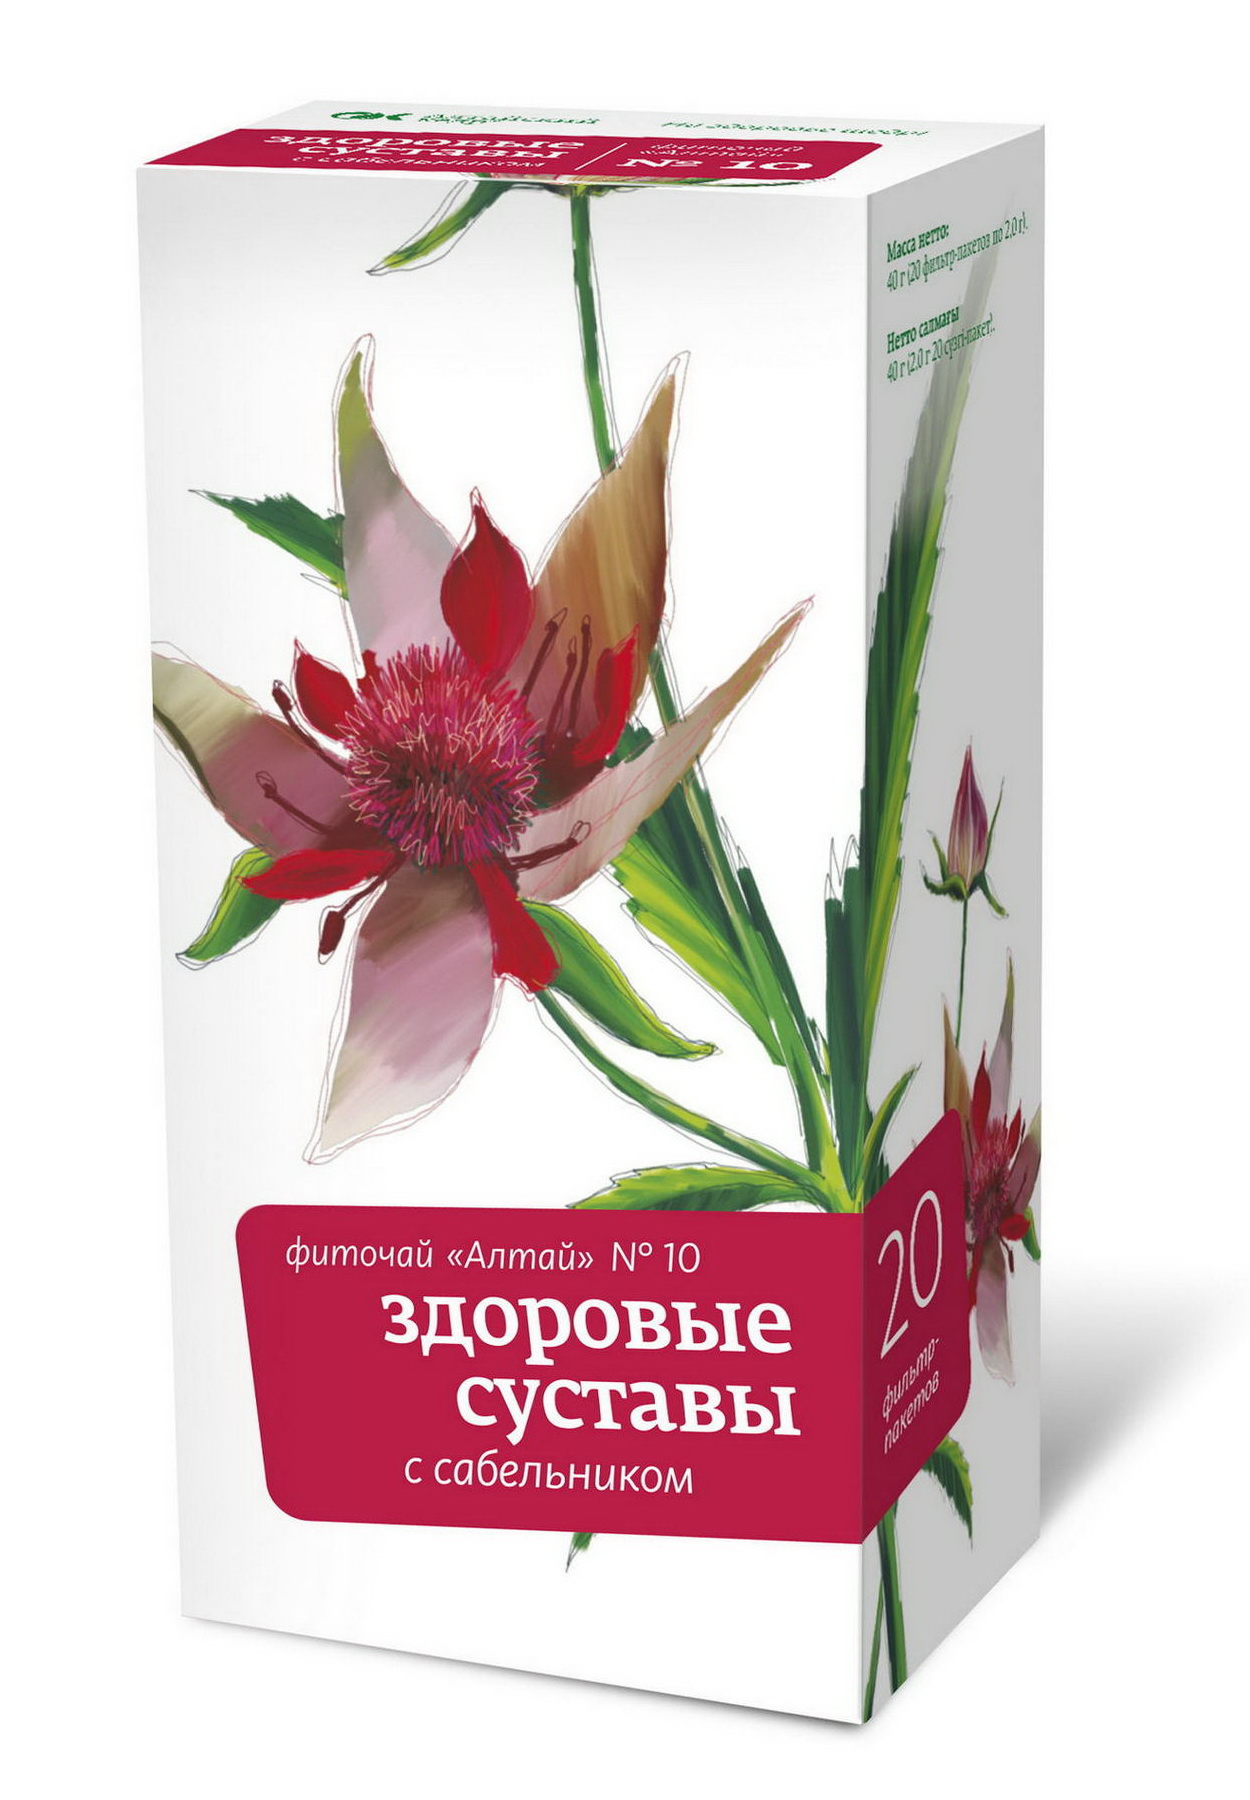 лучшие лекарства от аллергии на пыльцу амброзии